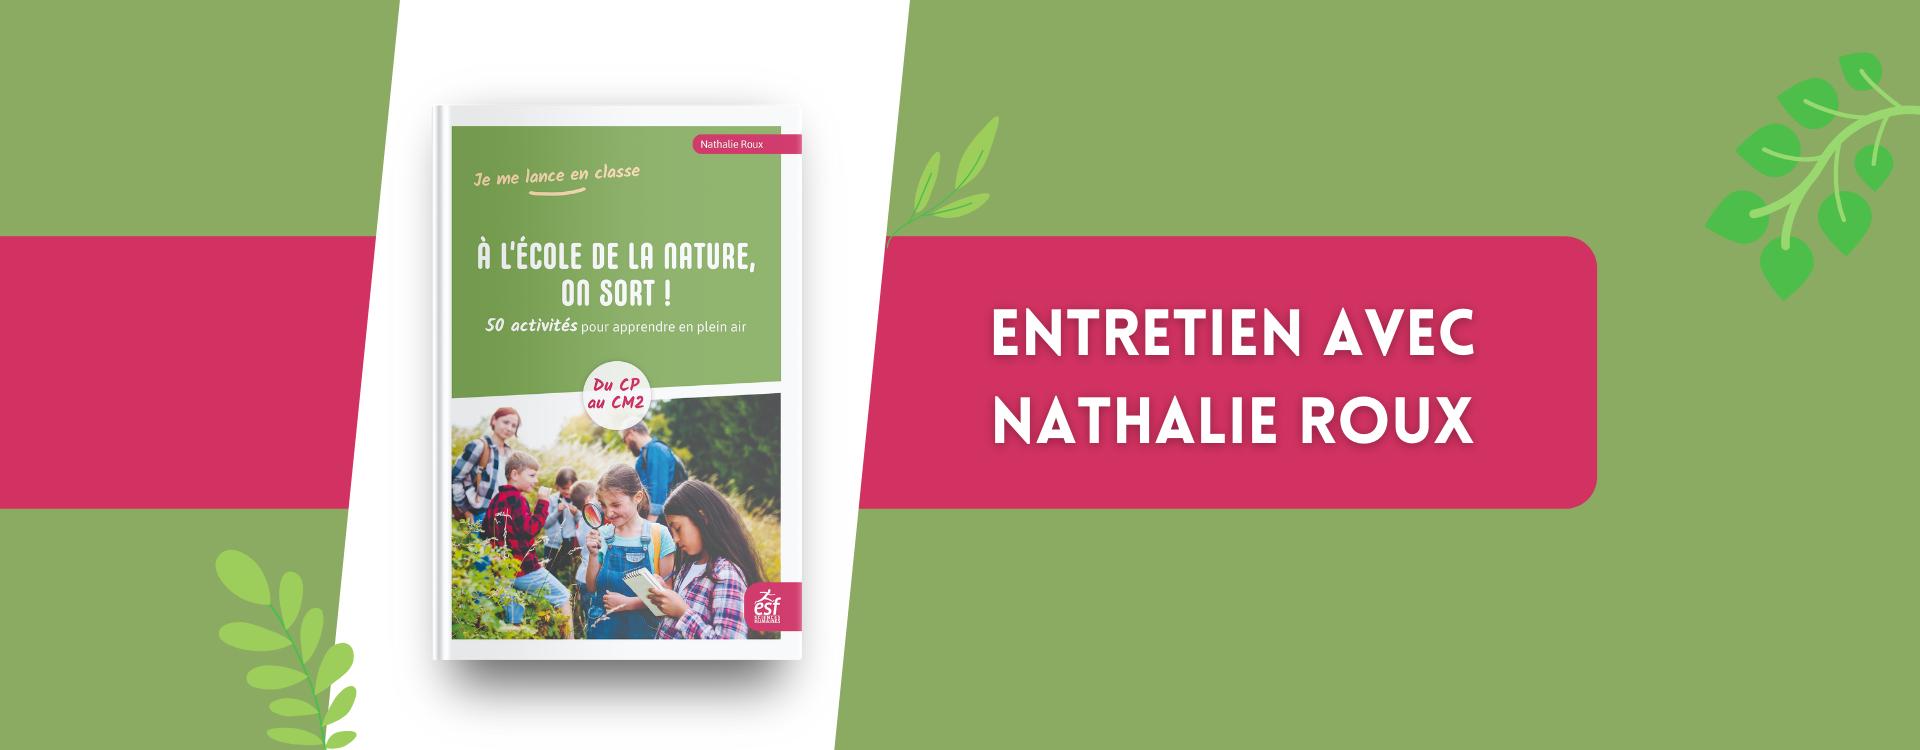 À l'école de la nature : entretien avec Nathalie Roux